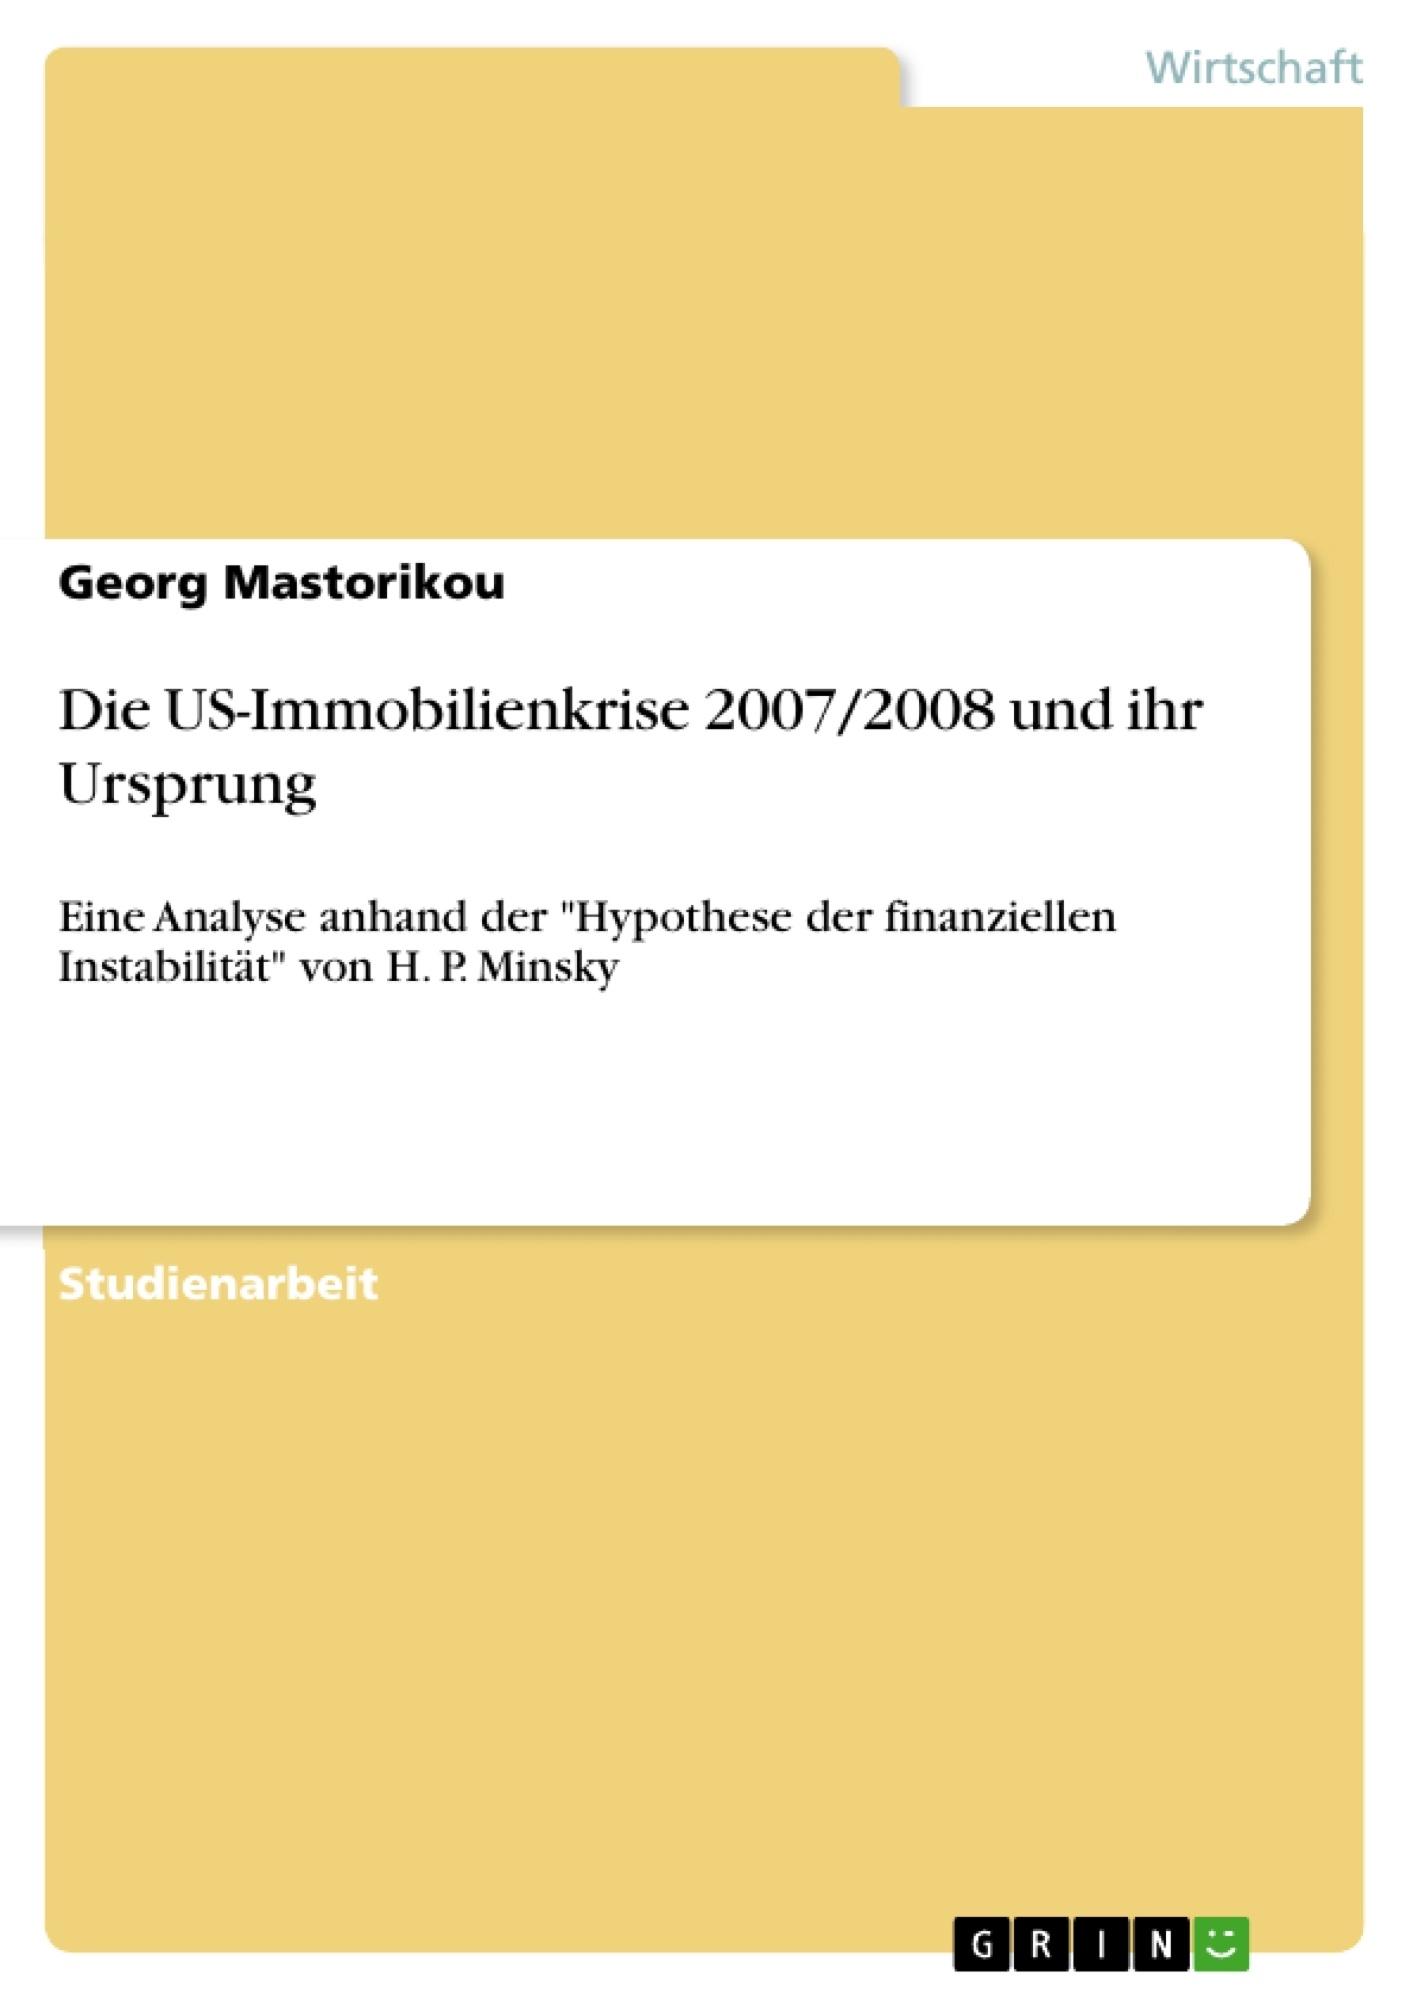 Titel: Die US-Immobilienkrise 2007/2008 und ihr Ursprung